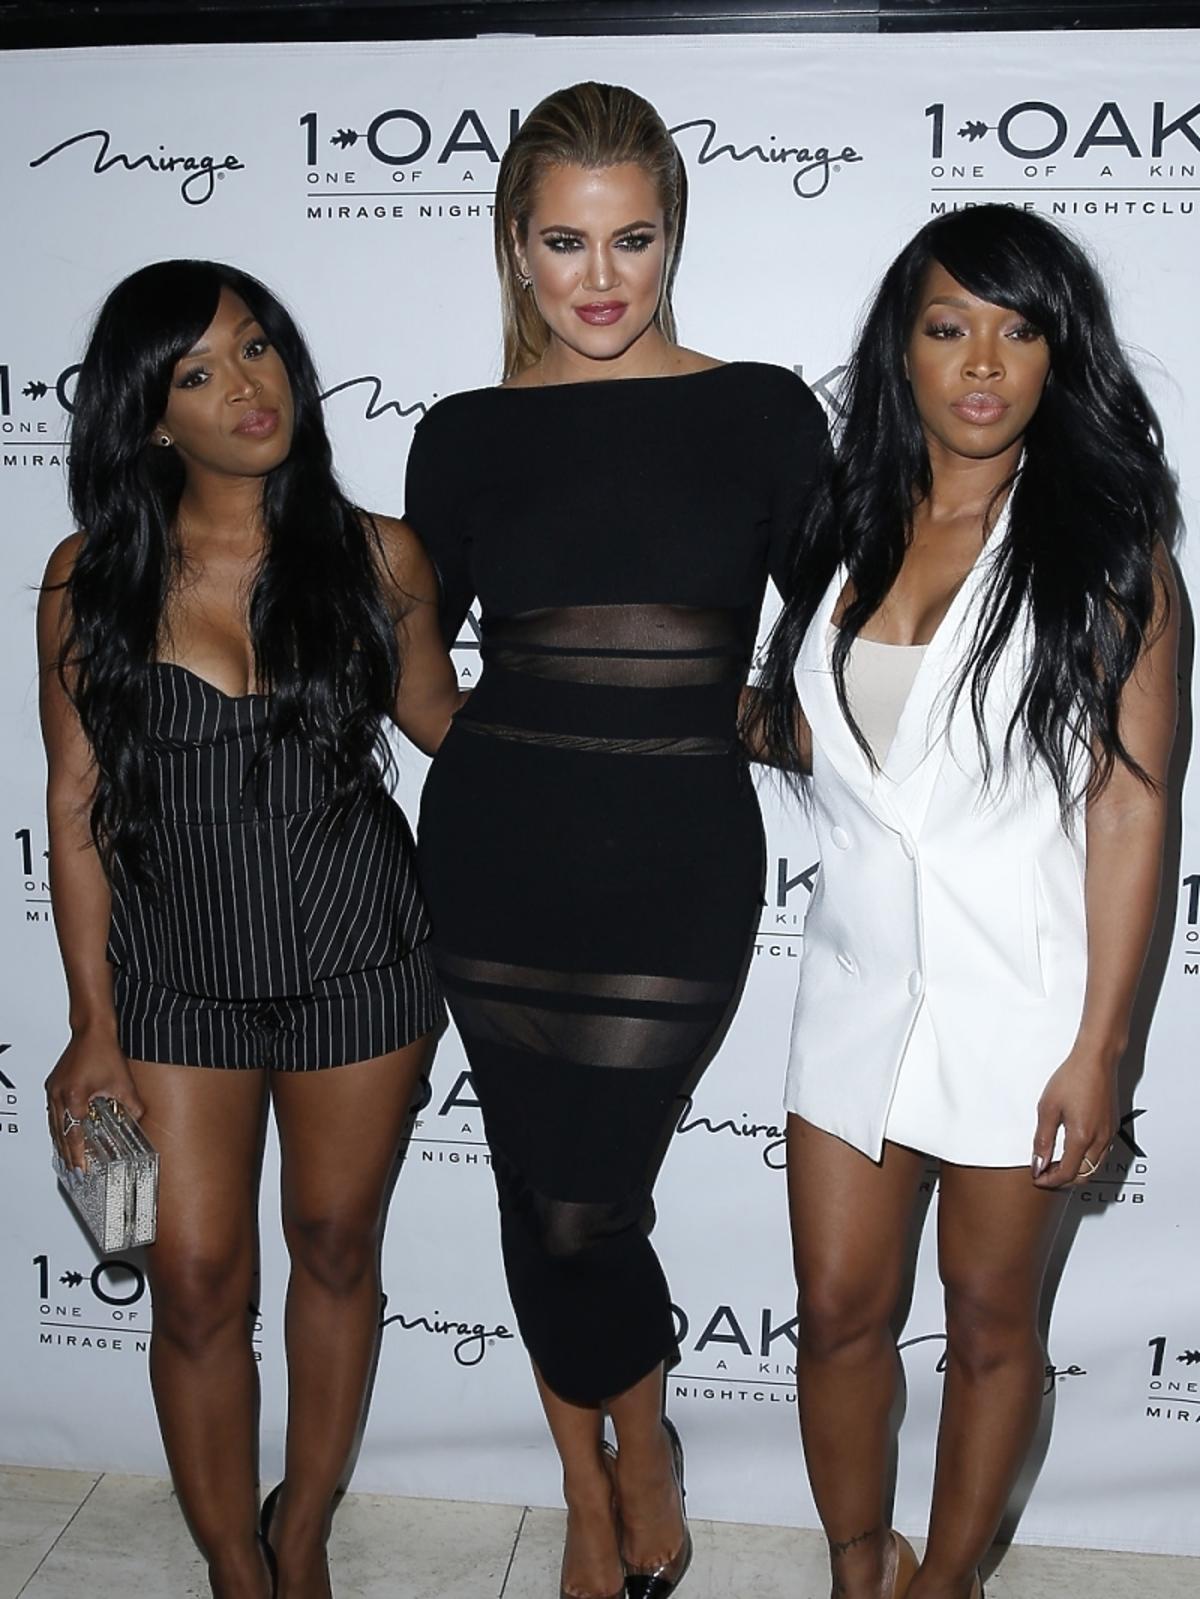 Khloe Kardashian z przyjaciółkami w klubie w Los Angeles